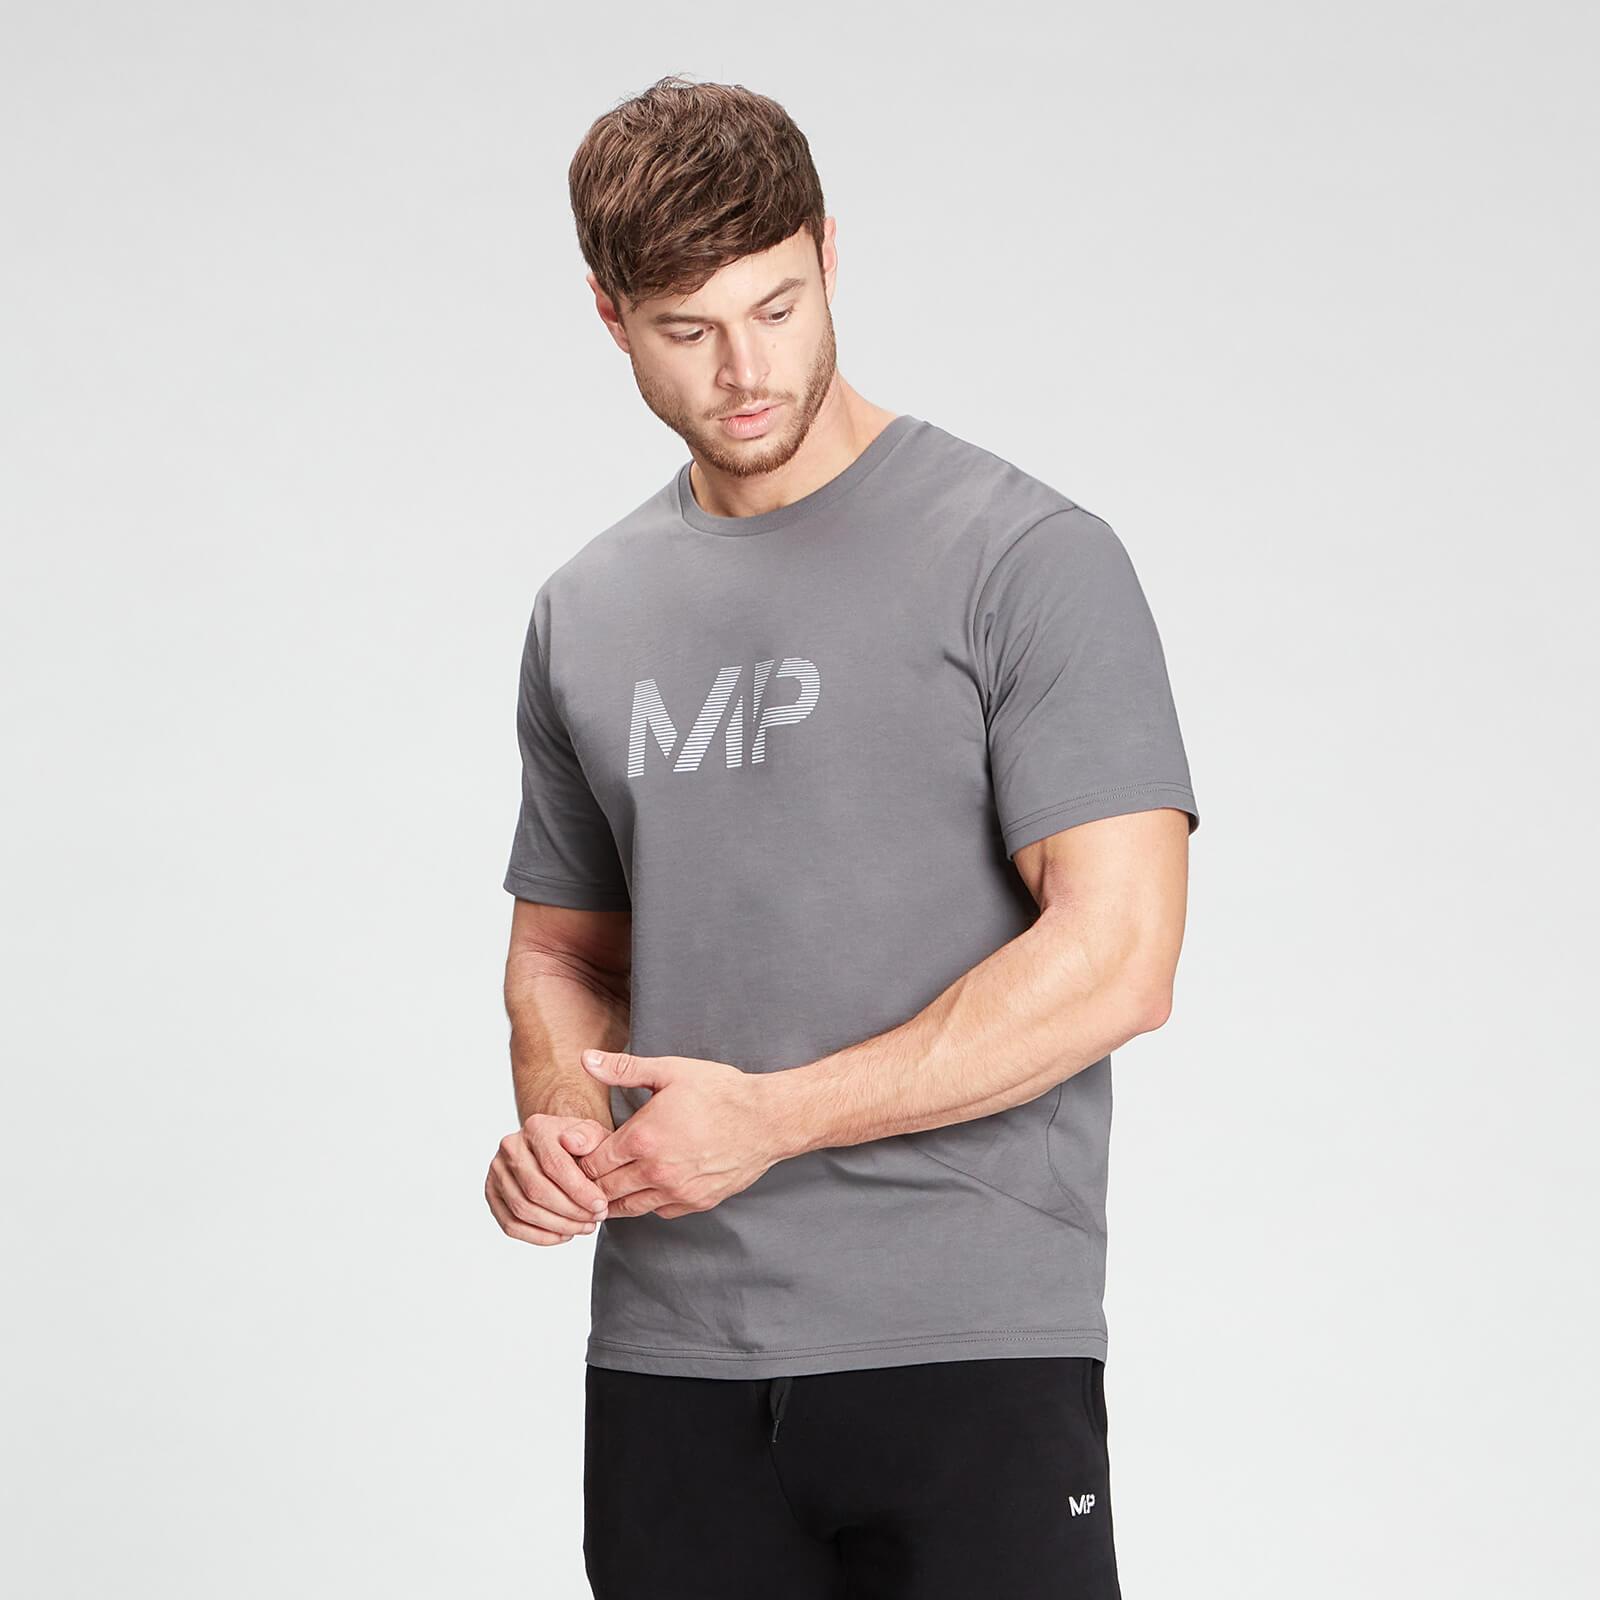 Купить MP Men's Gradient Line Graphic Short Sleeve T-Shirt - Carbon - XXXL, Myprotein International